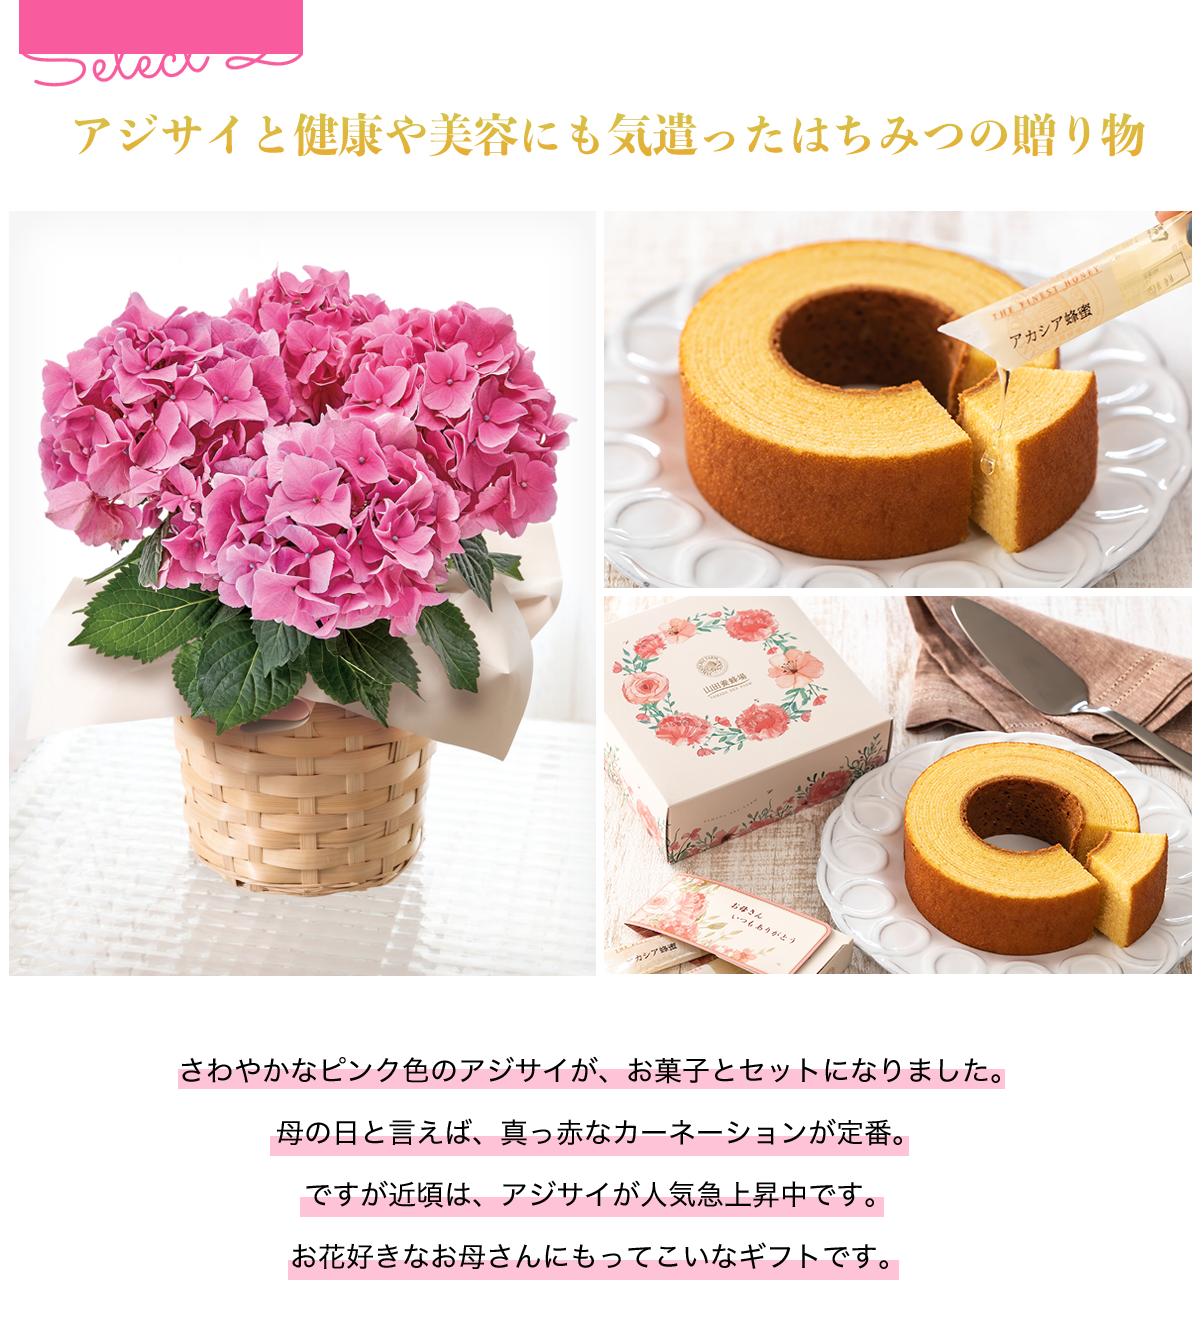 アジサイ・山田養蜂場「バームクーヘン蜂蜜付き」セット